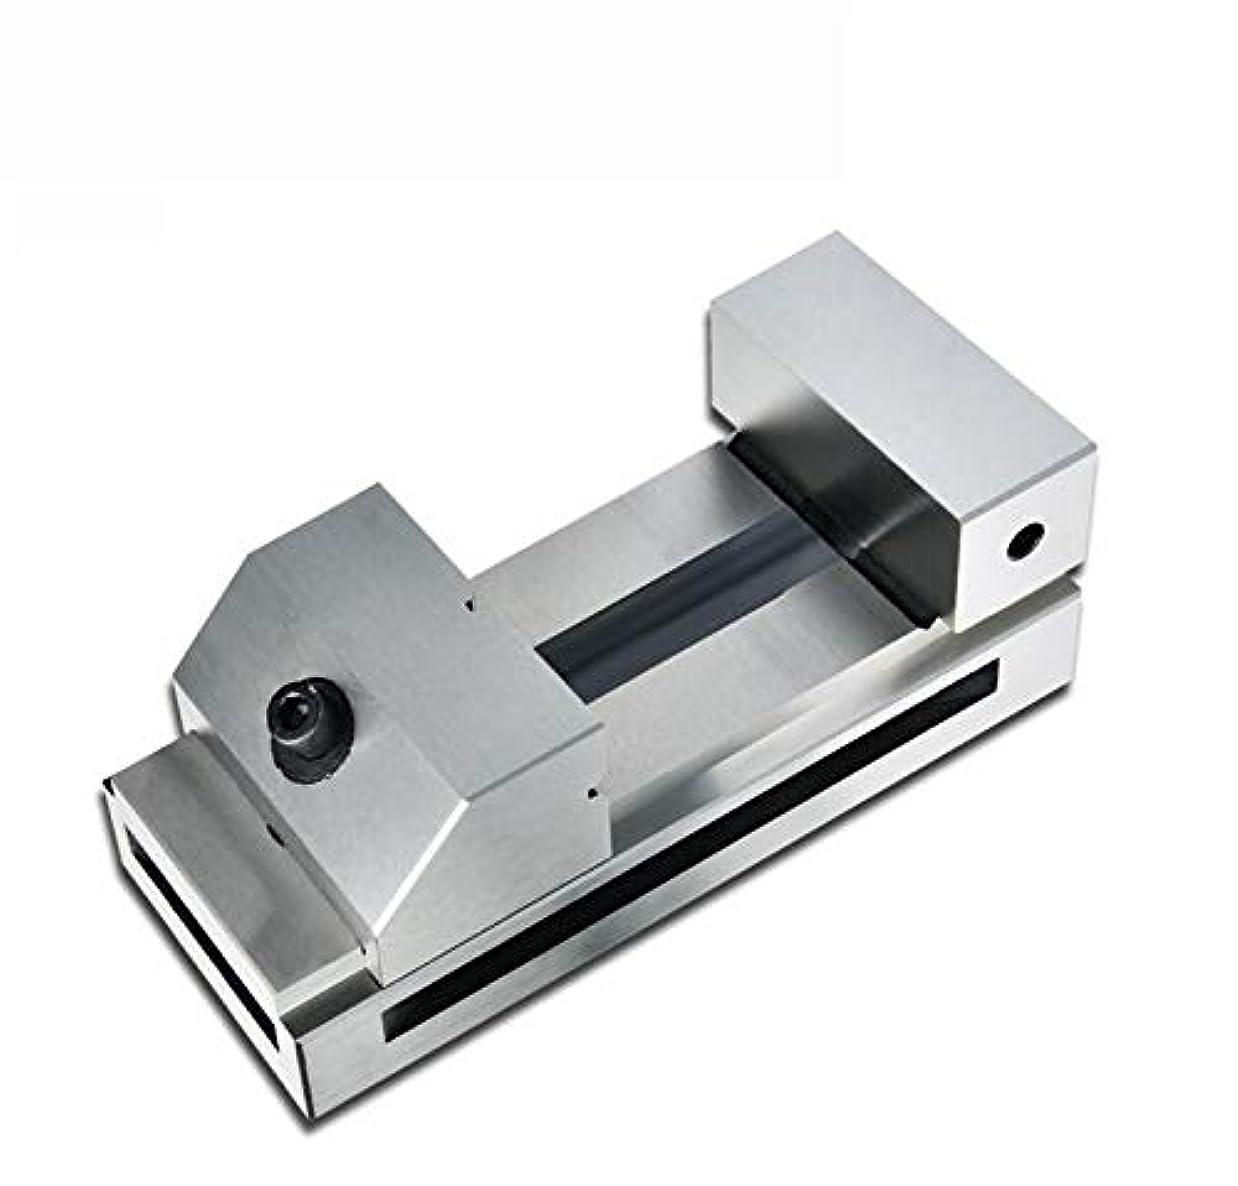 救い後世俳句高精度QKG高速移動フラットジョーグラインダー直角バイス純鋼クランプ2-8インチ (2.5インチ)